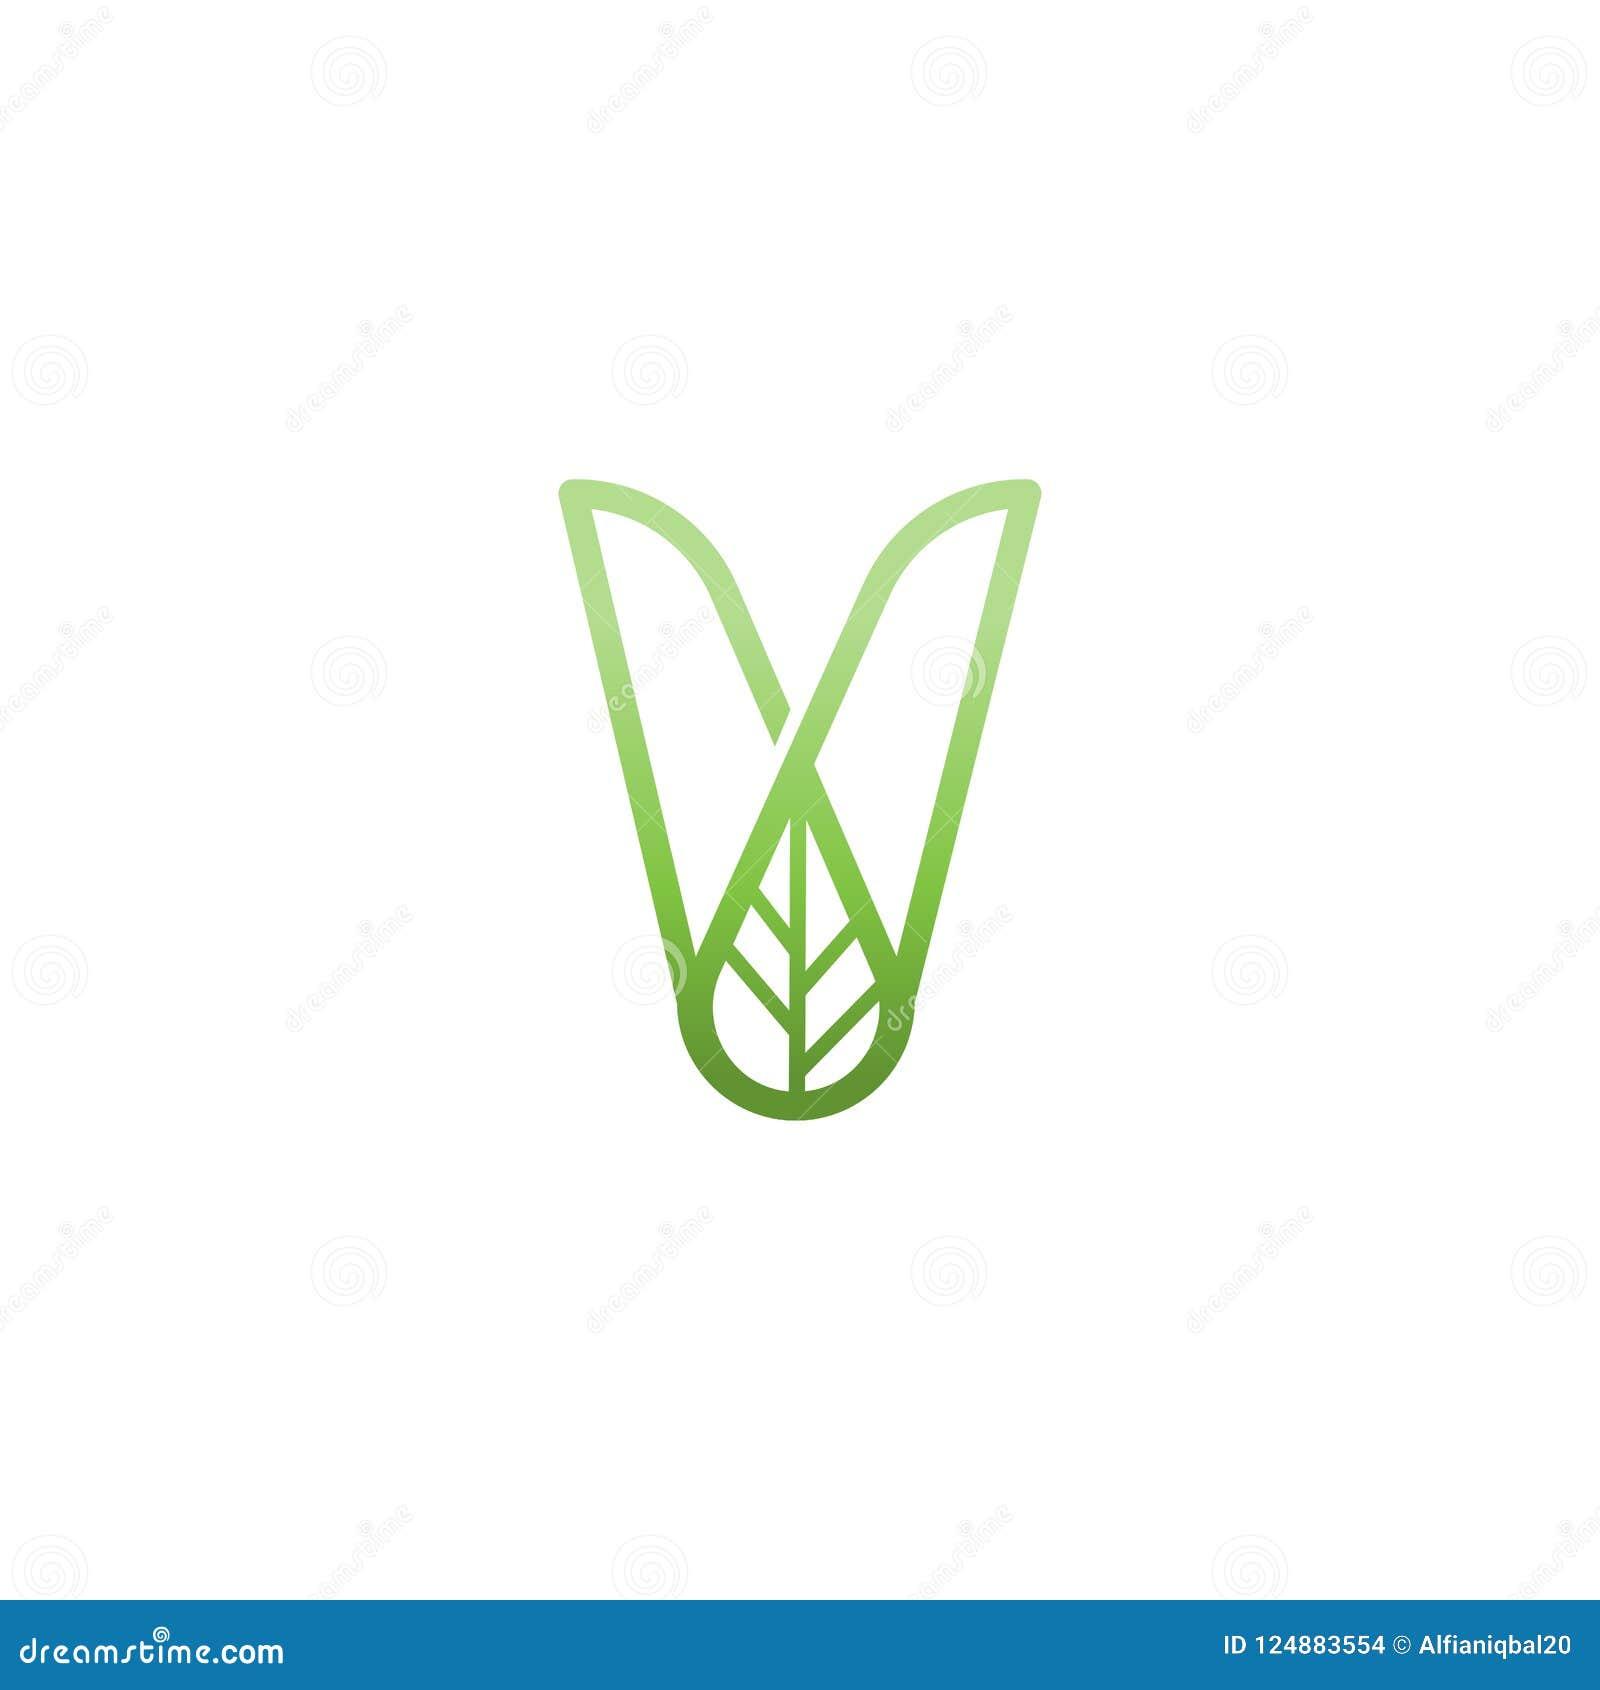 letter v green leaf logo design element initial v logo template